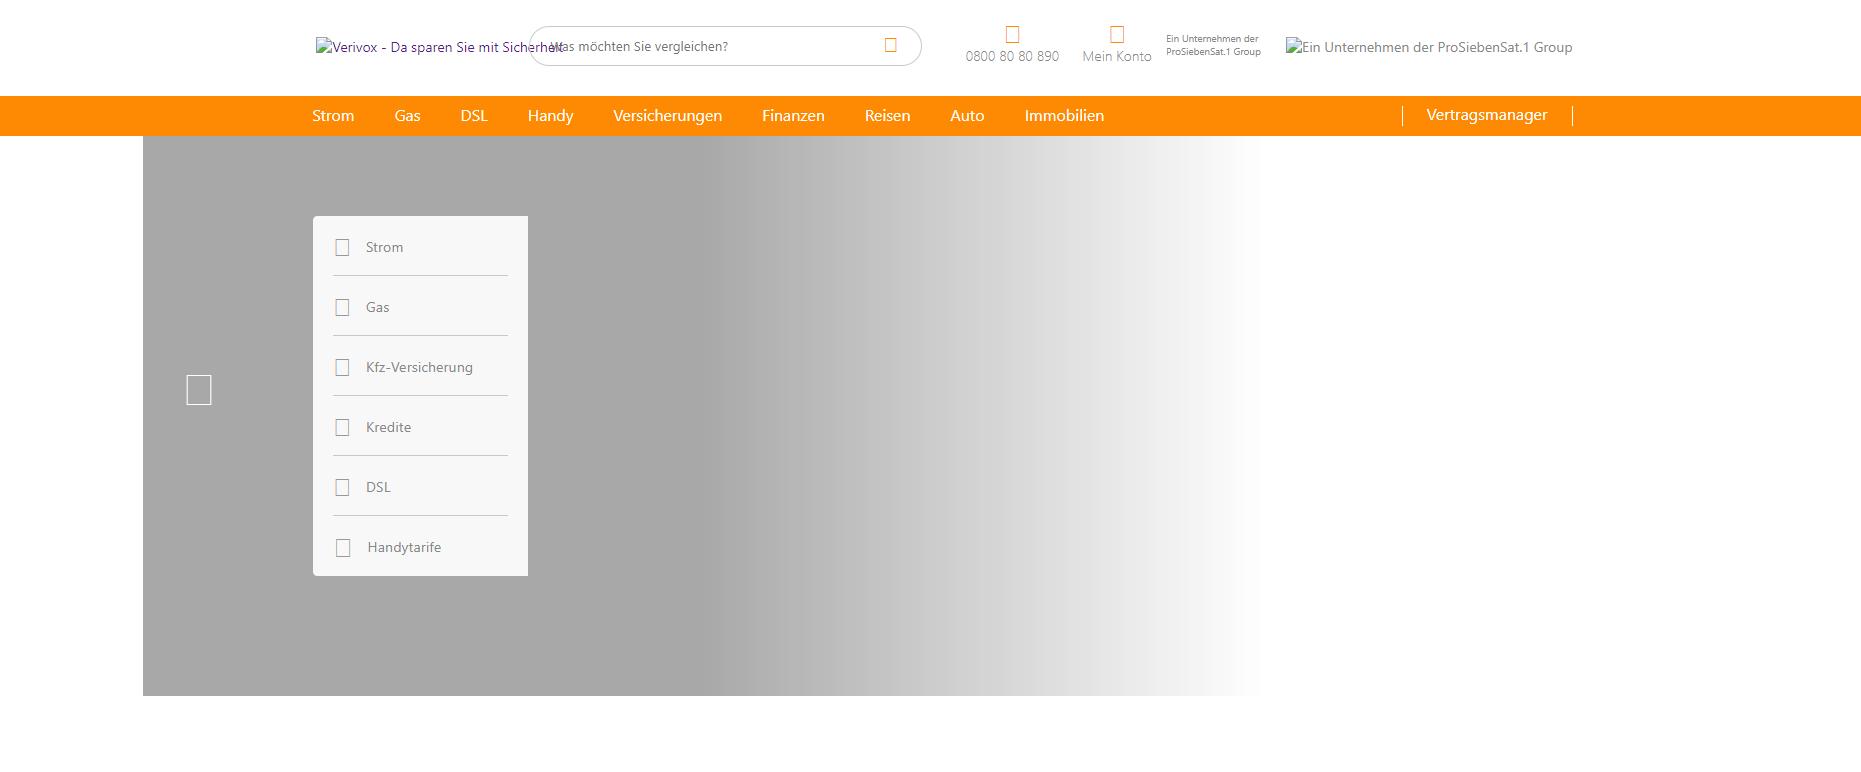 Seit Chrome 70 Probleme Mit Seiten Computerbase Forum